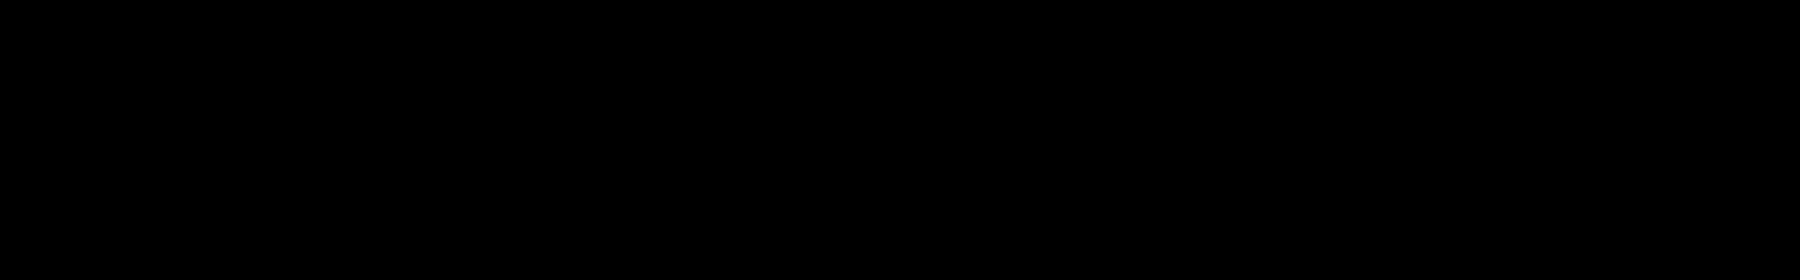 Ricch audio waveform